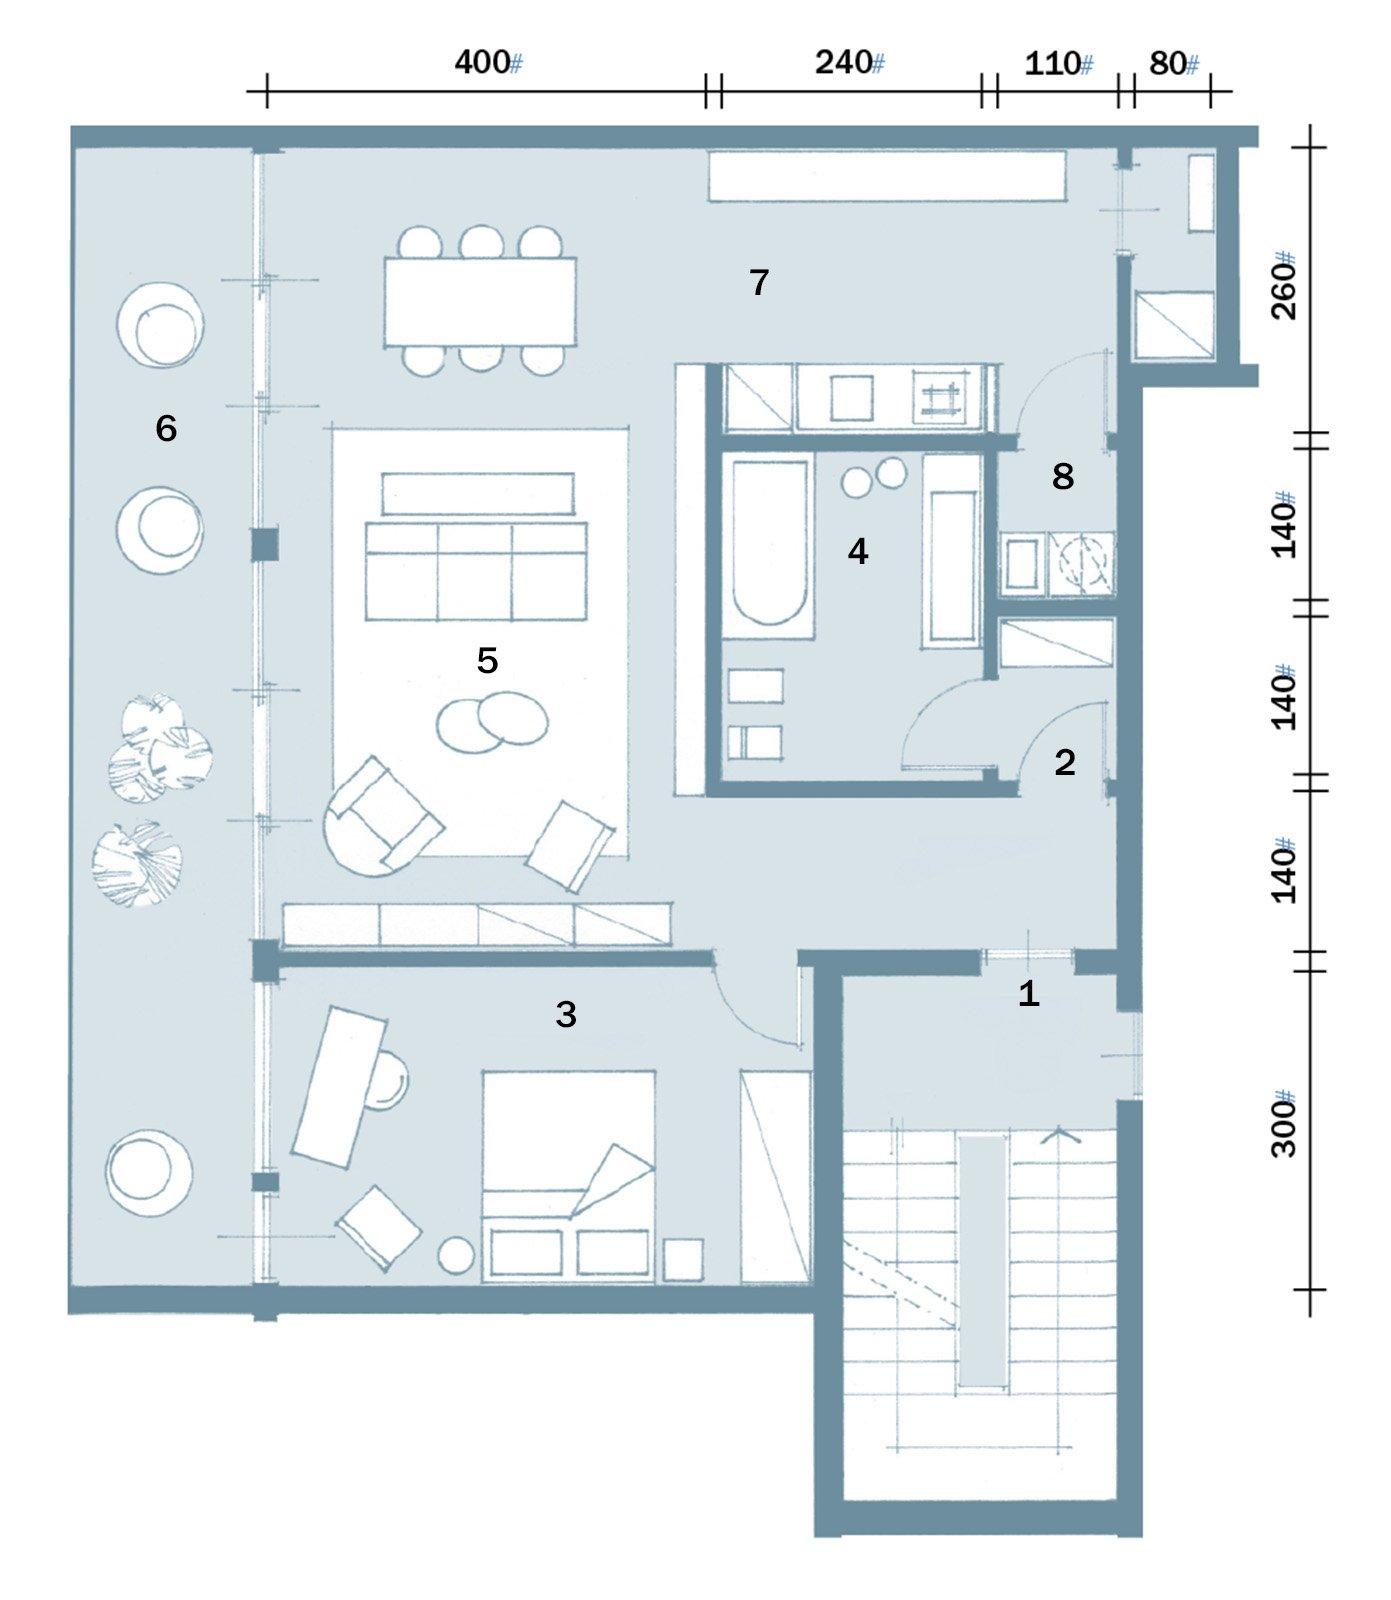 Maxi bilocale con terrazzo perfetto per due cose di casa for Progetti per case con scantinati